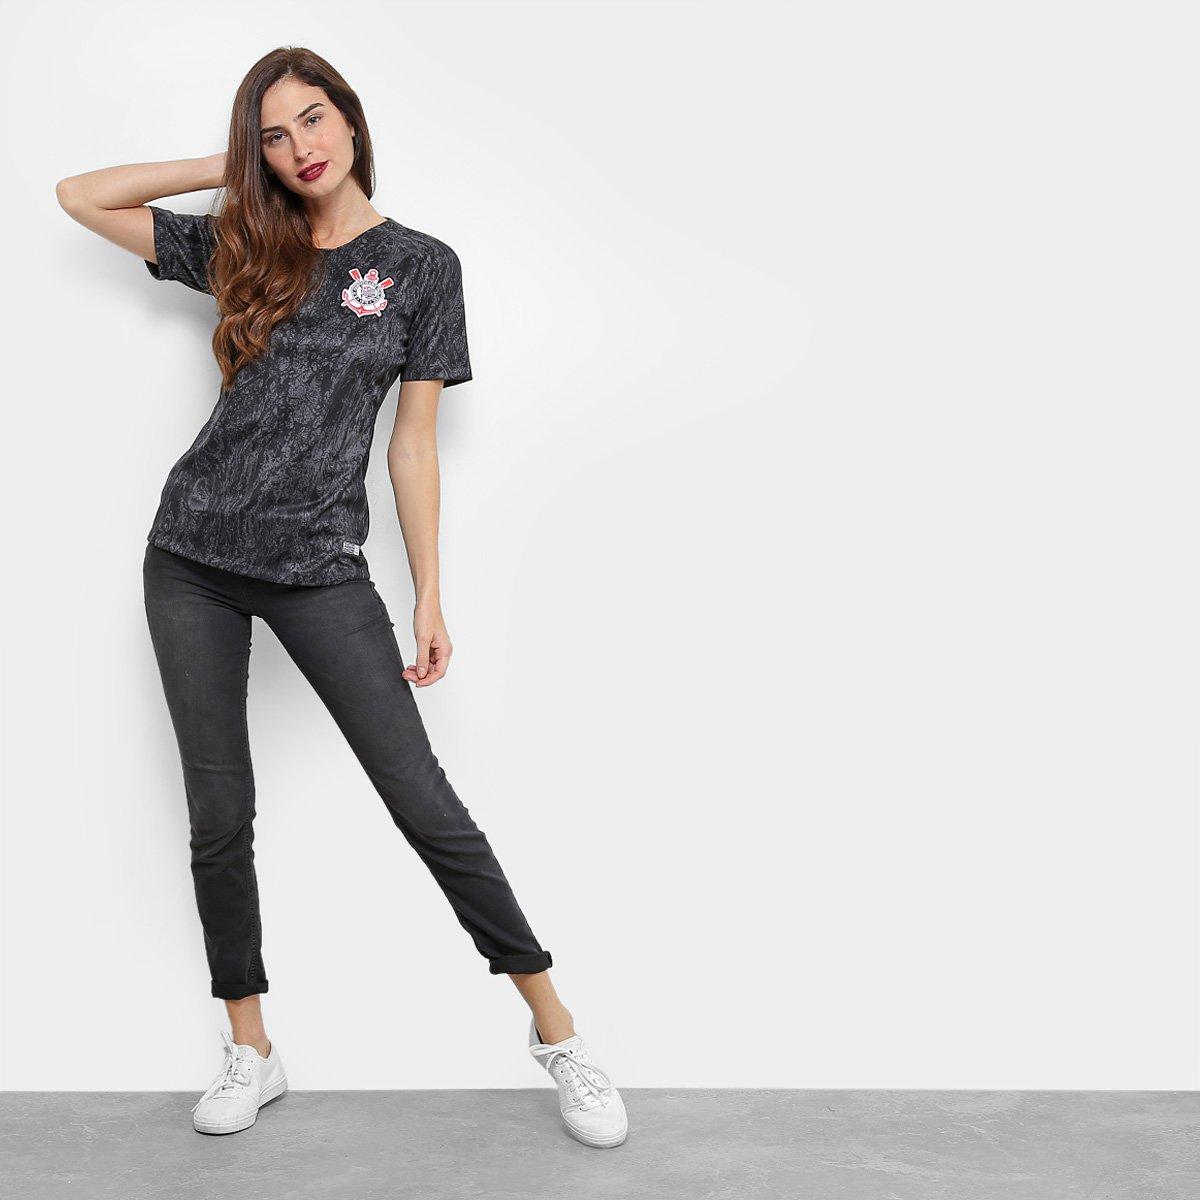 ... Feminina Nike Camisa s Corinthians II Torcedor 18 n° 19 Preto nwnPS1Aq  ... 95ad46604b030